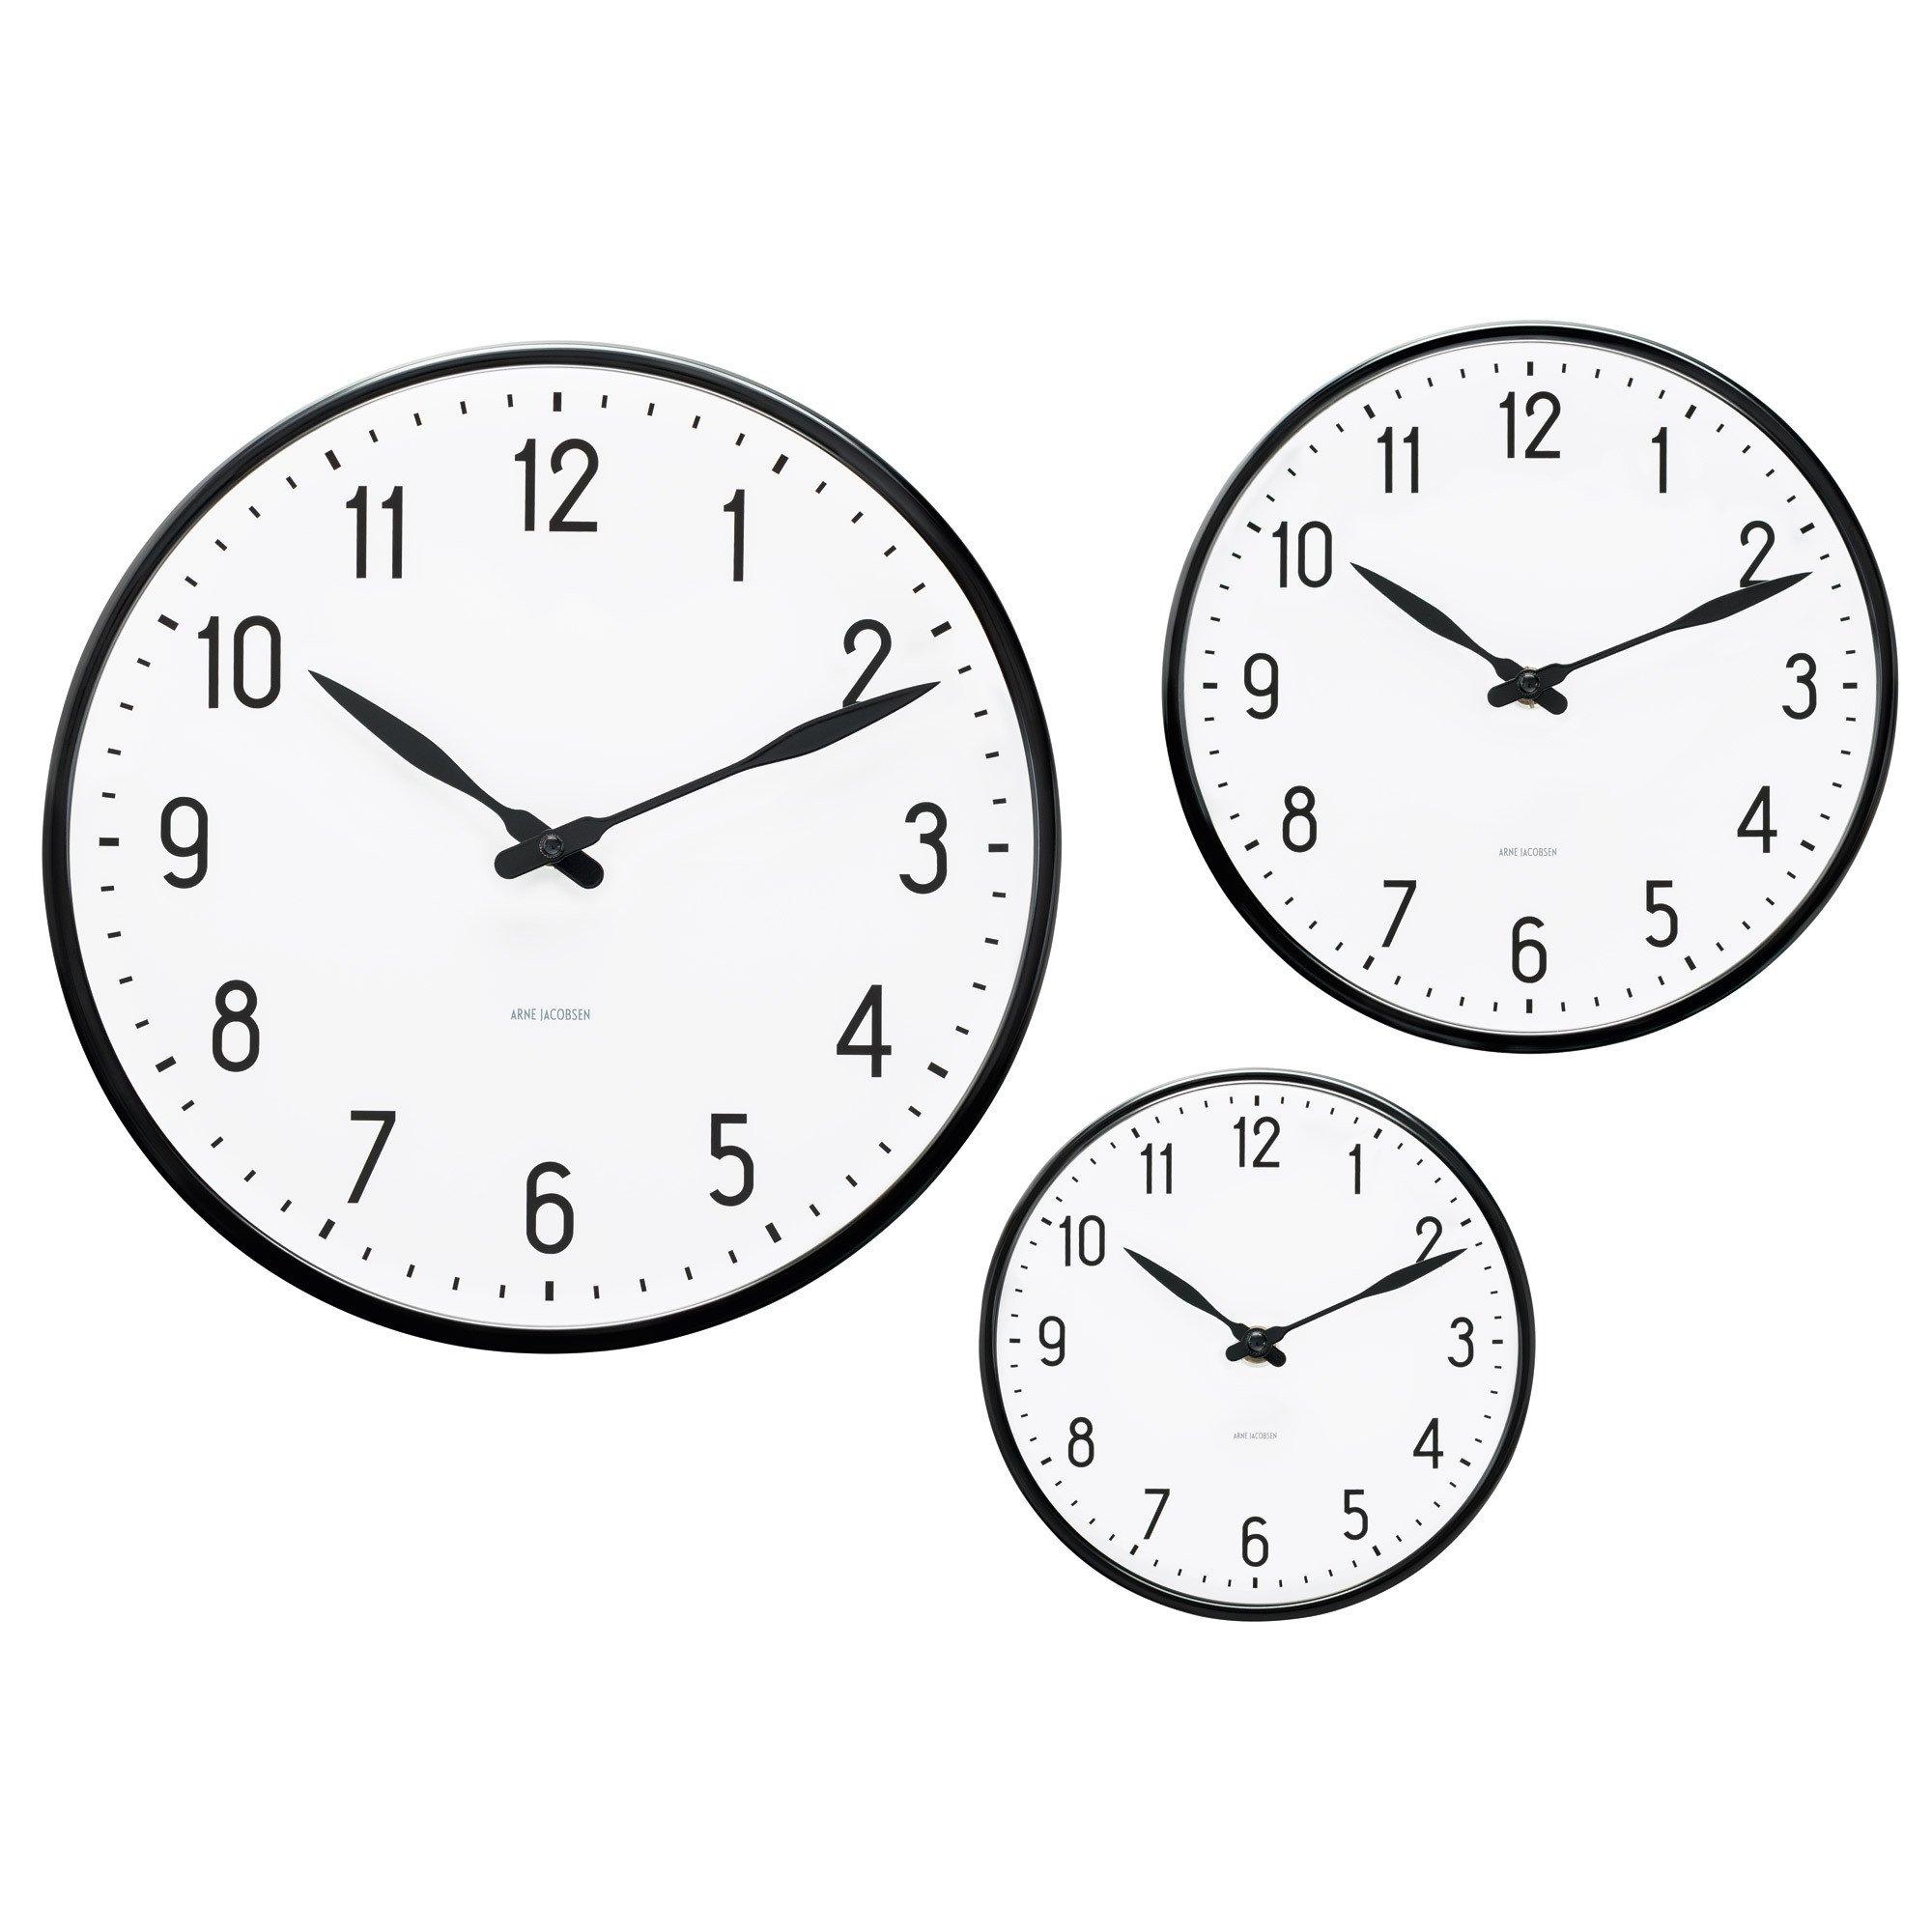 2000x2000 Station Wall Clock Skandium